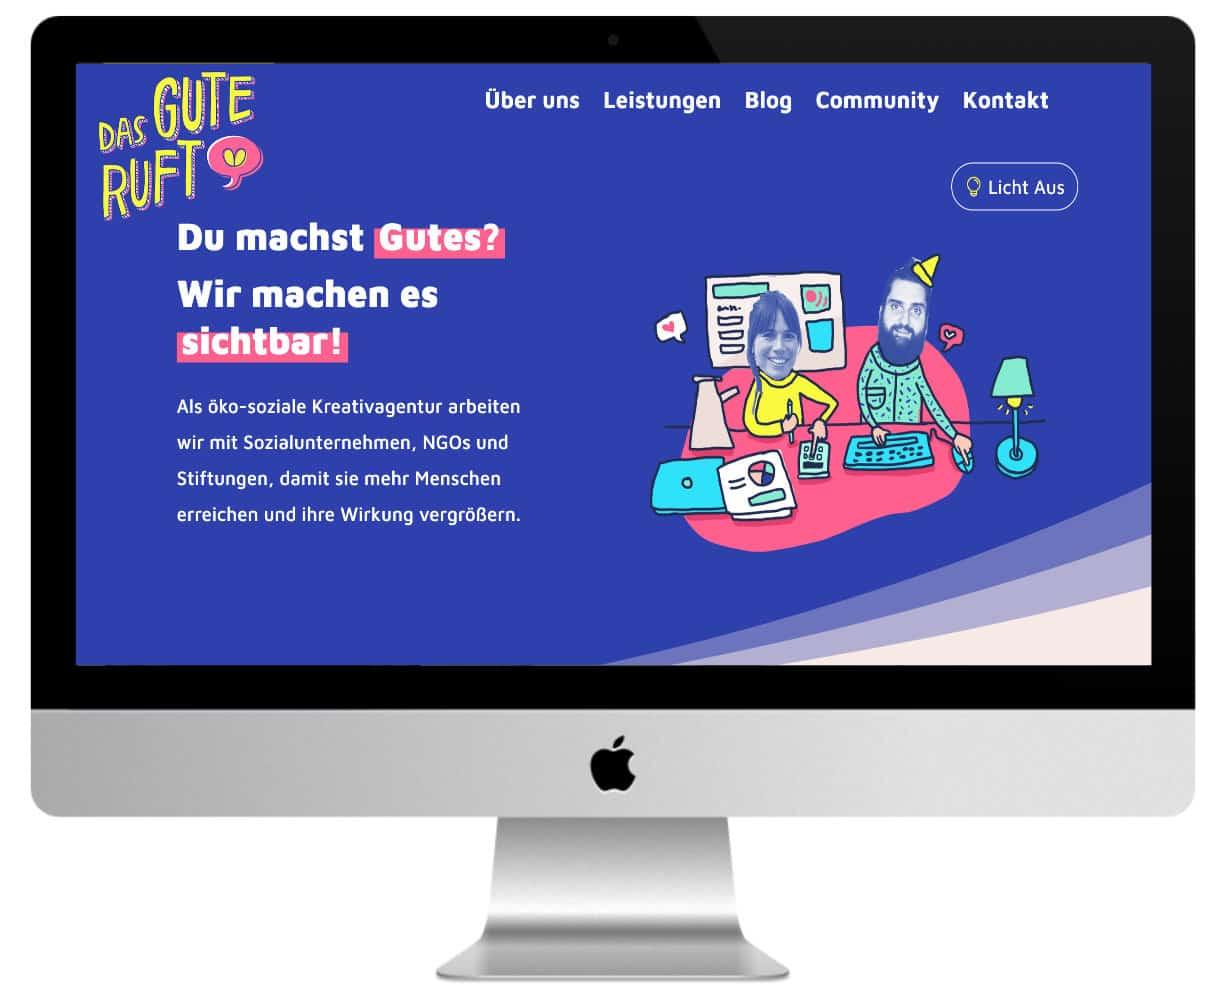 siteweb couleur bleue